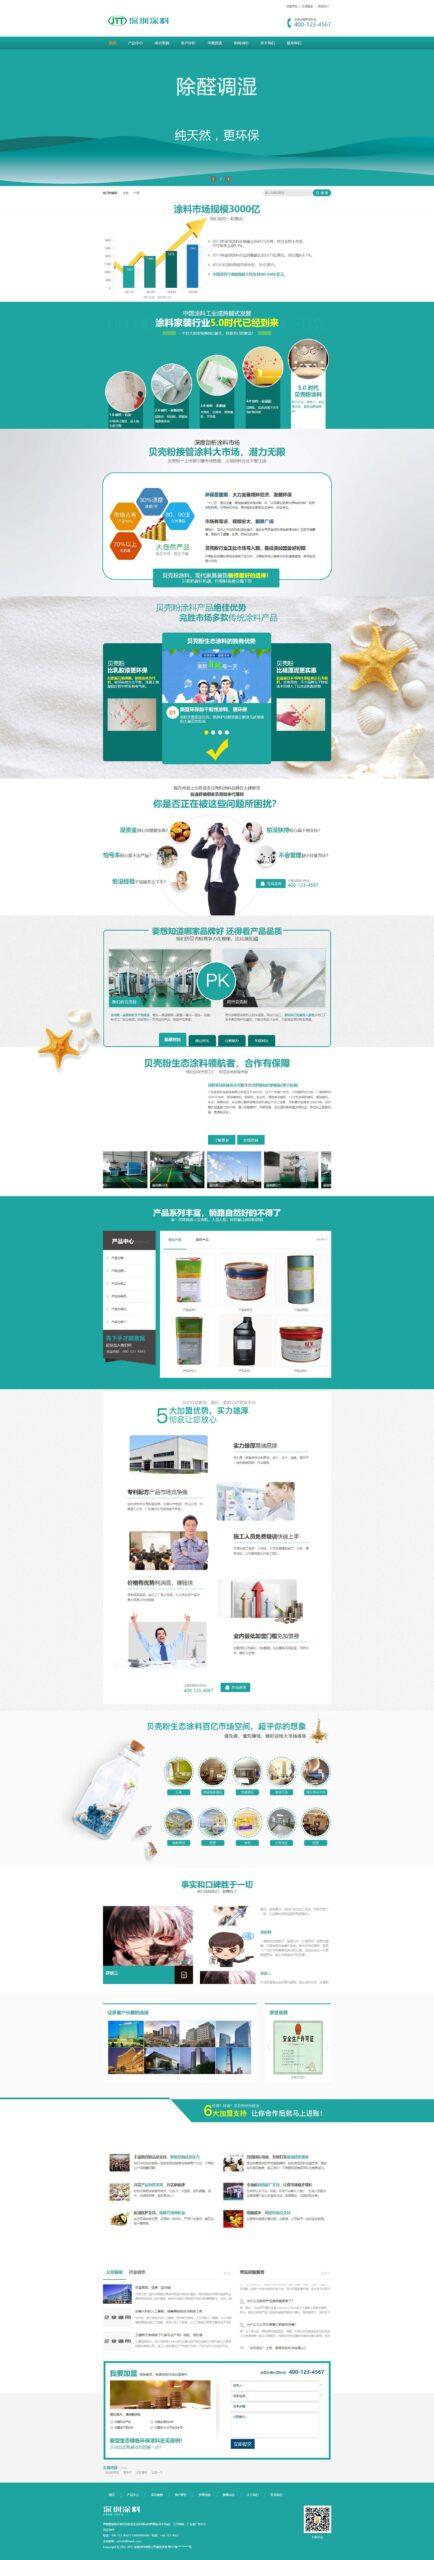 营销型绿色环保贝壳粉生态涂料油漆涂料环保产品网站织梦模板dede源码[带手机端]插图